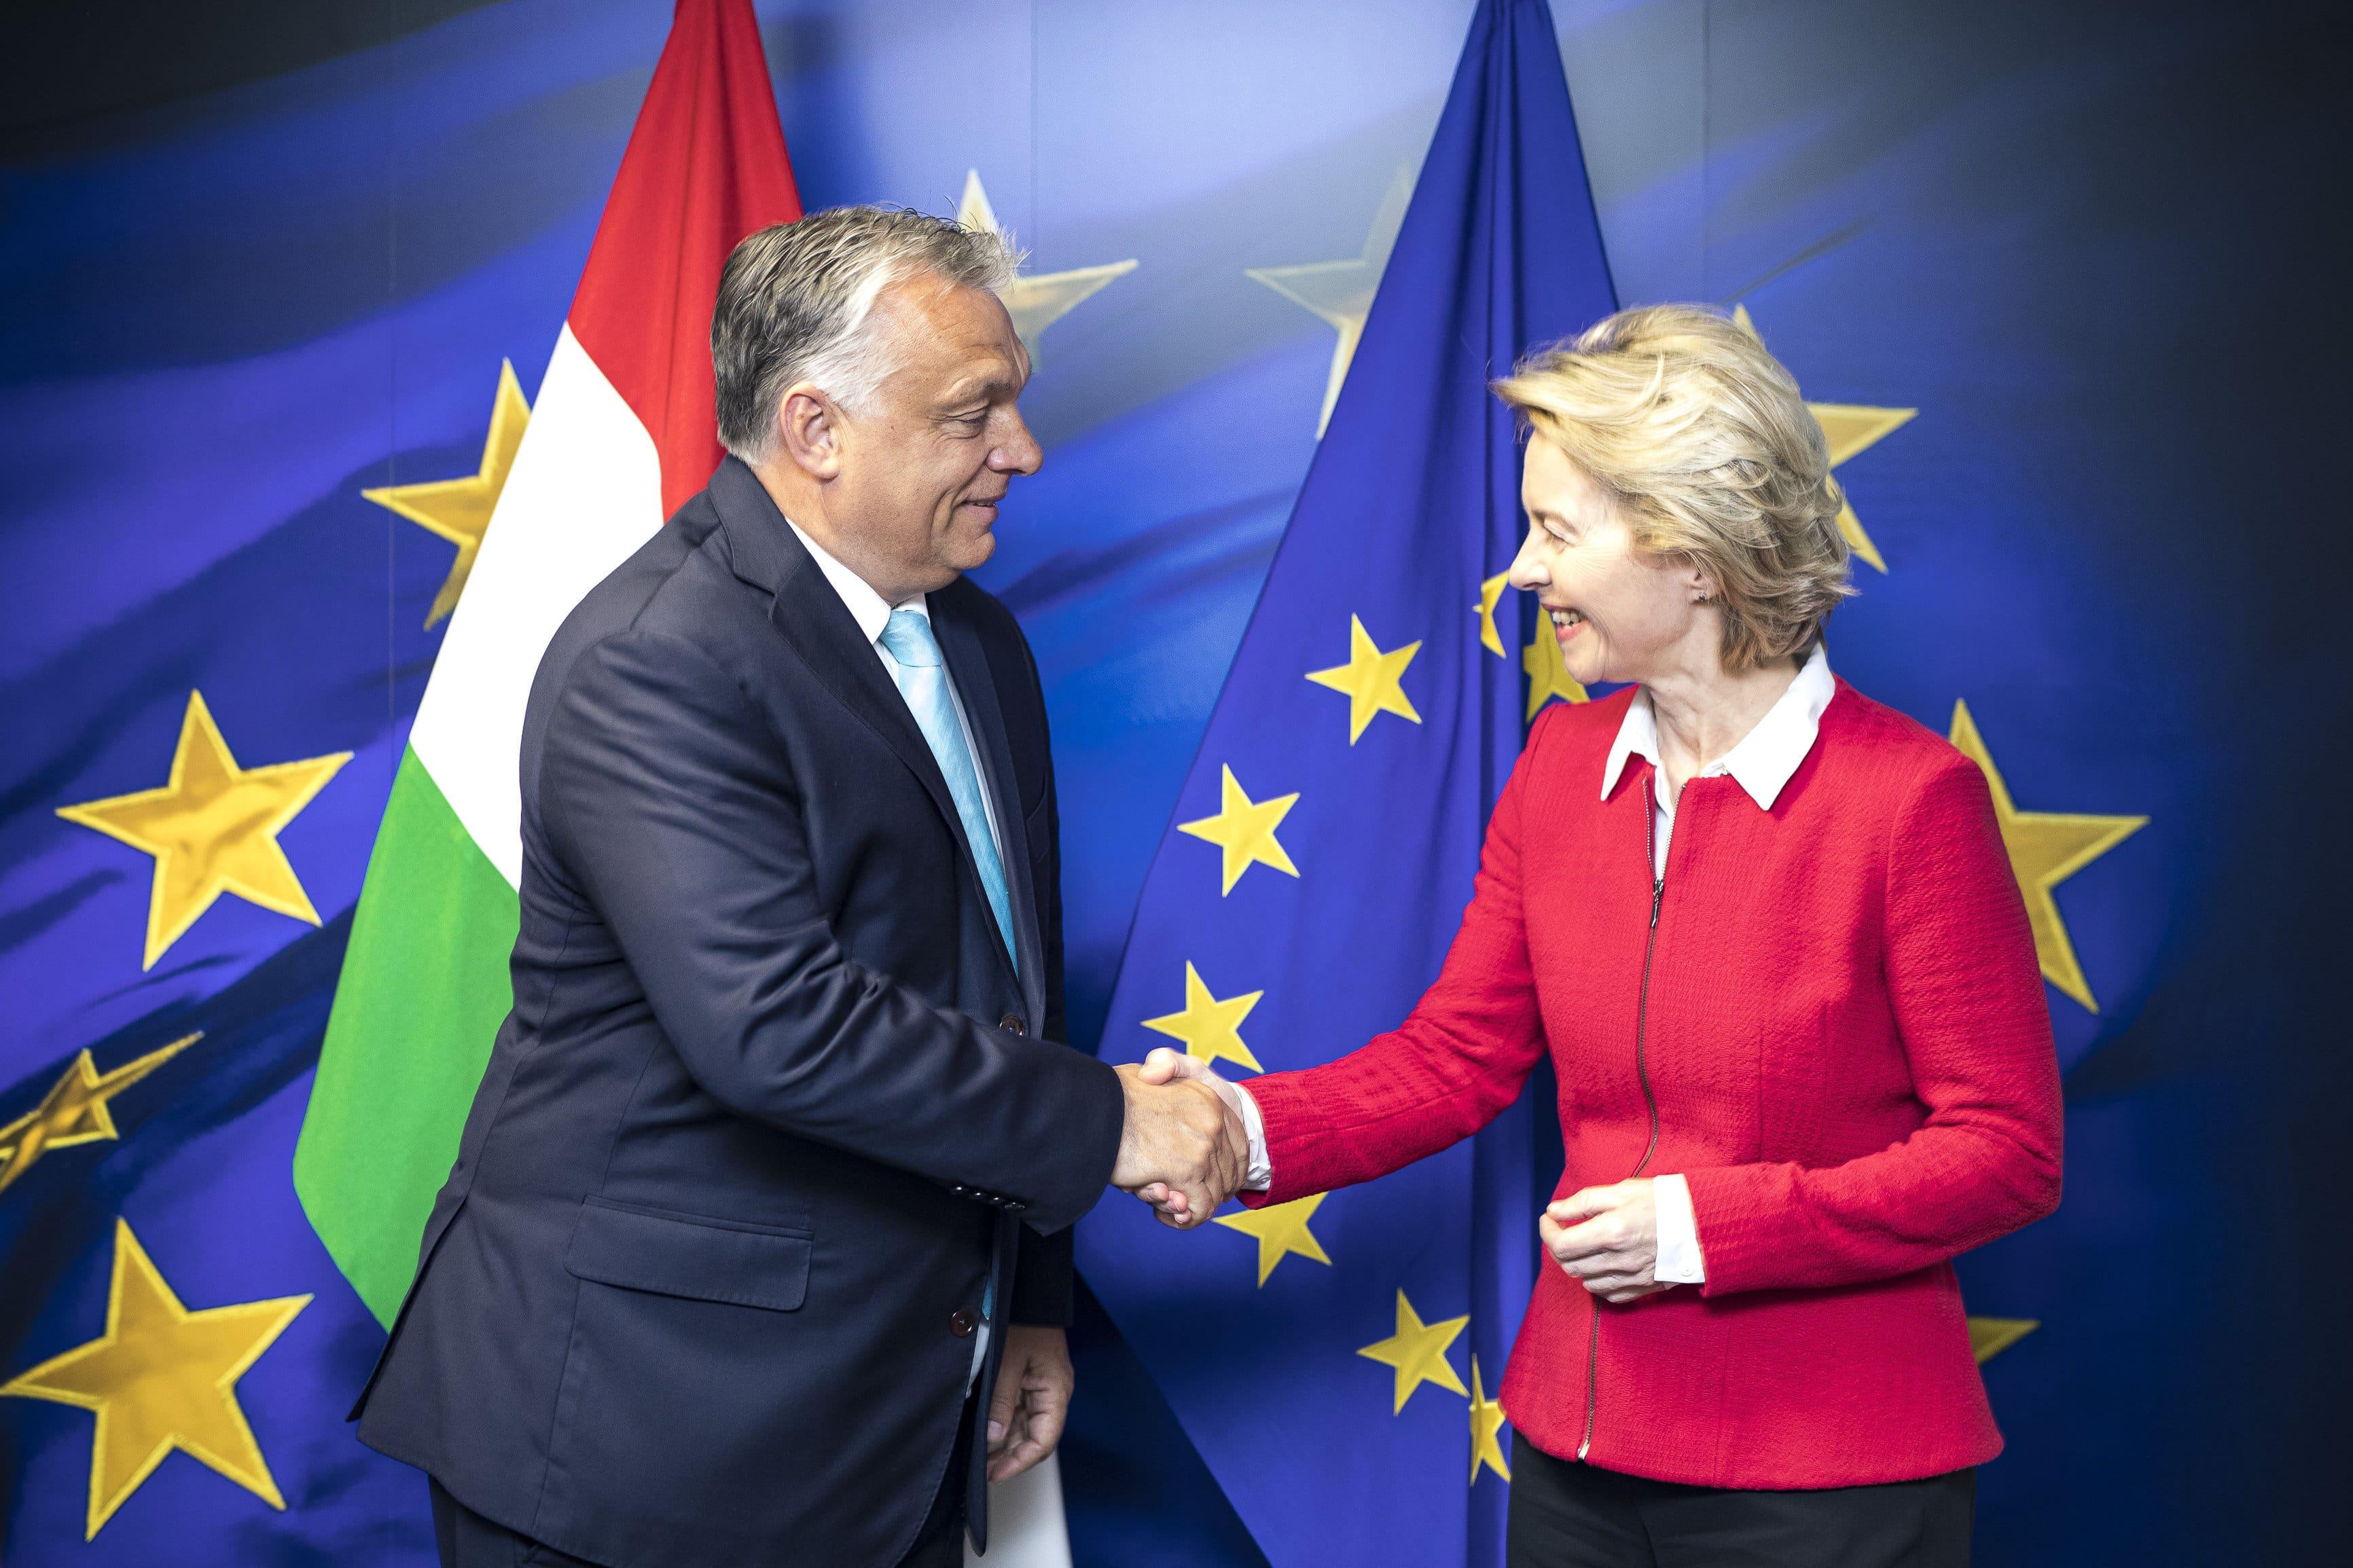 Von der Leyen meets with Orbán in Brussels - UPDATE